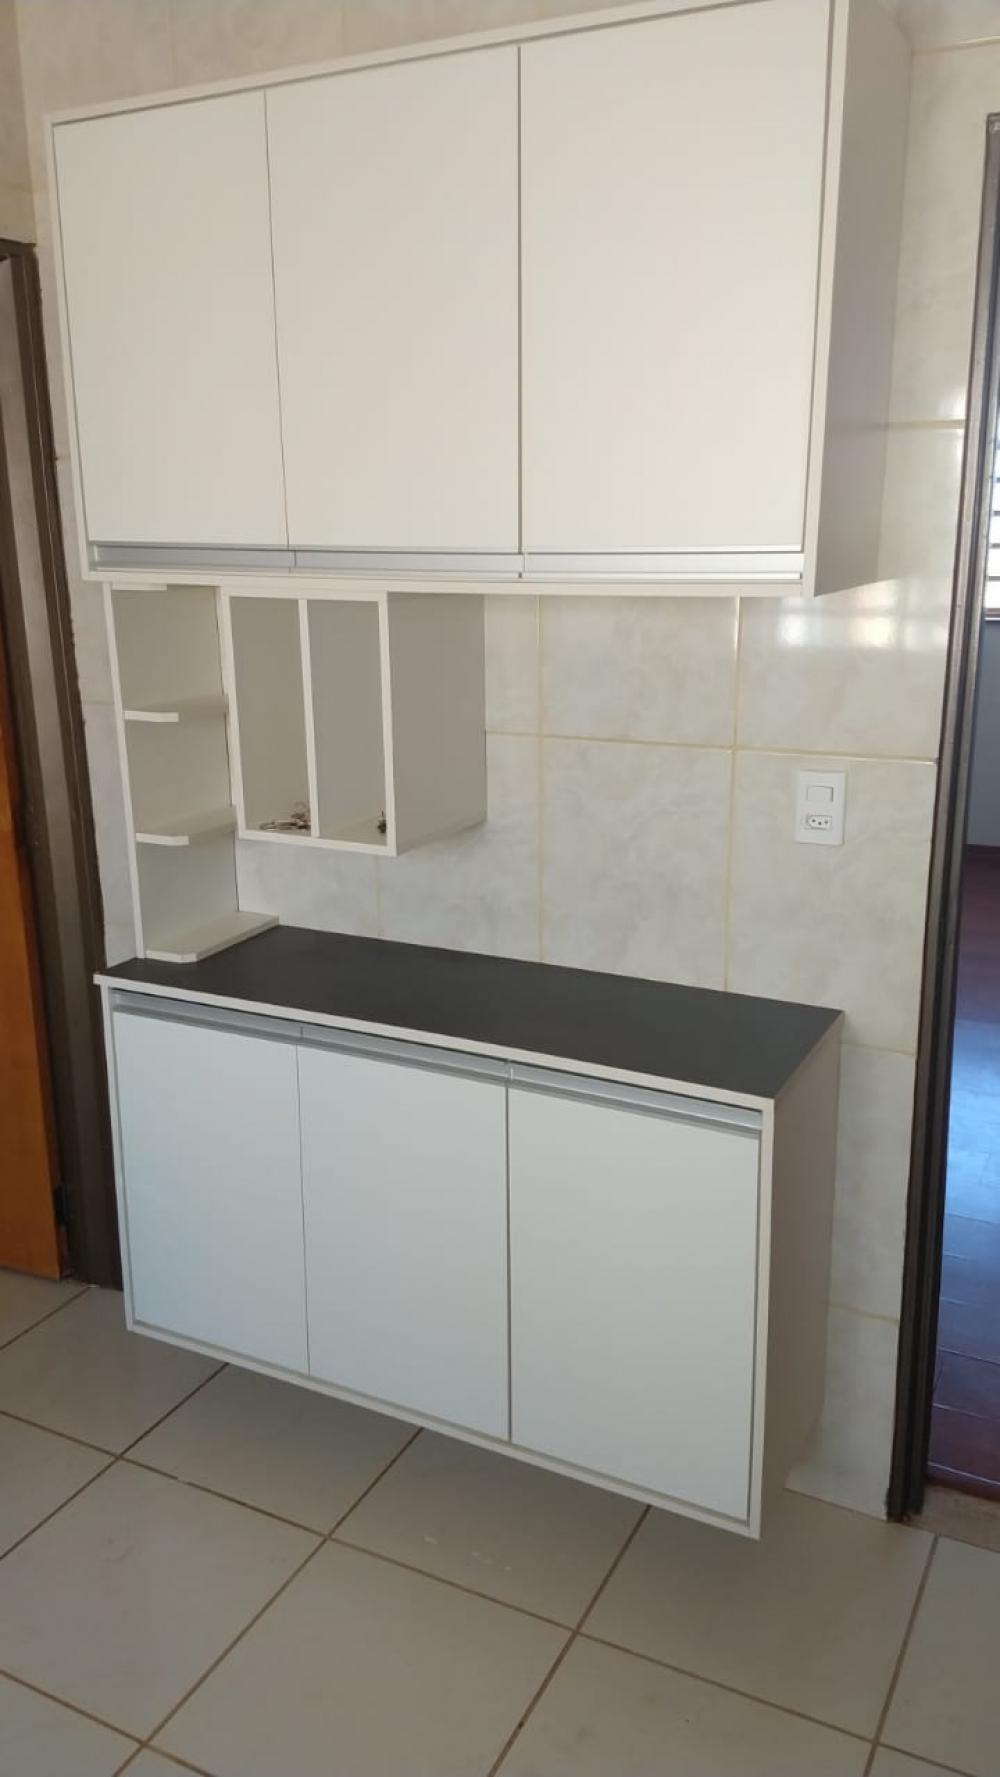 Comprar Apartamento / Padrão em Ribeirão Preto R$ 160.000,00 - Foto 8